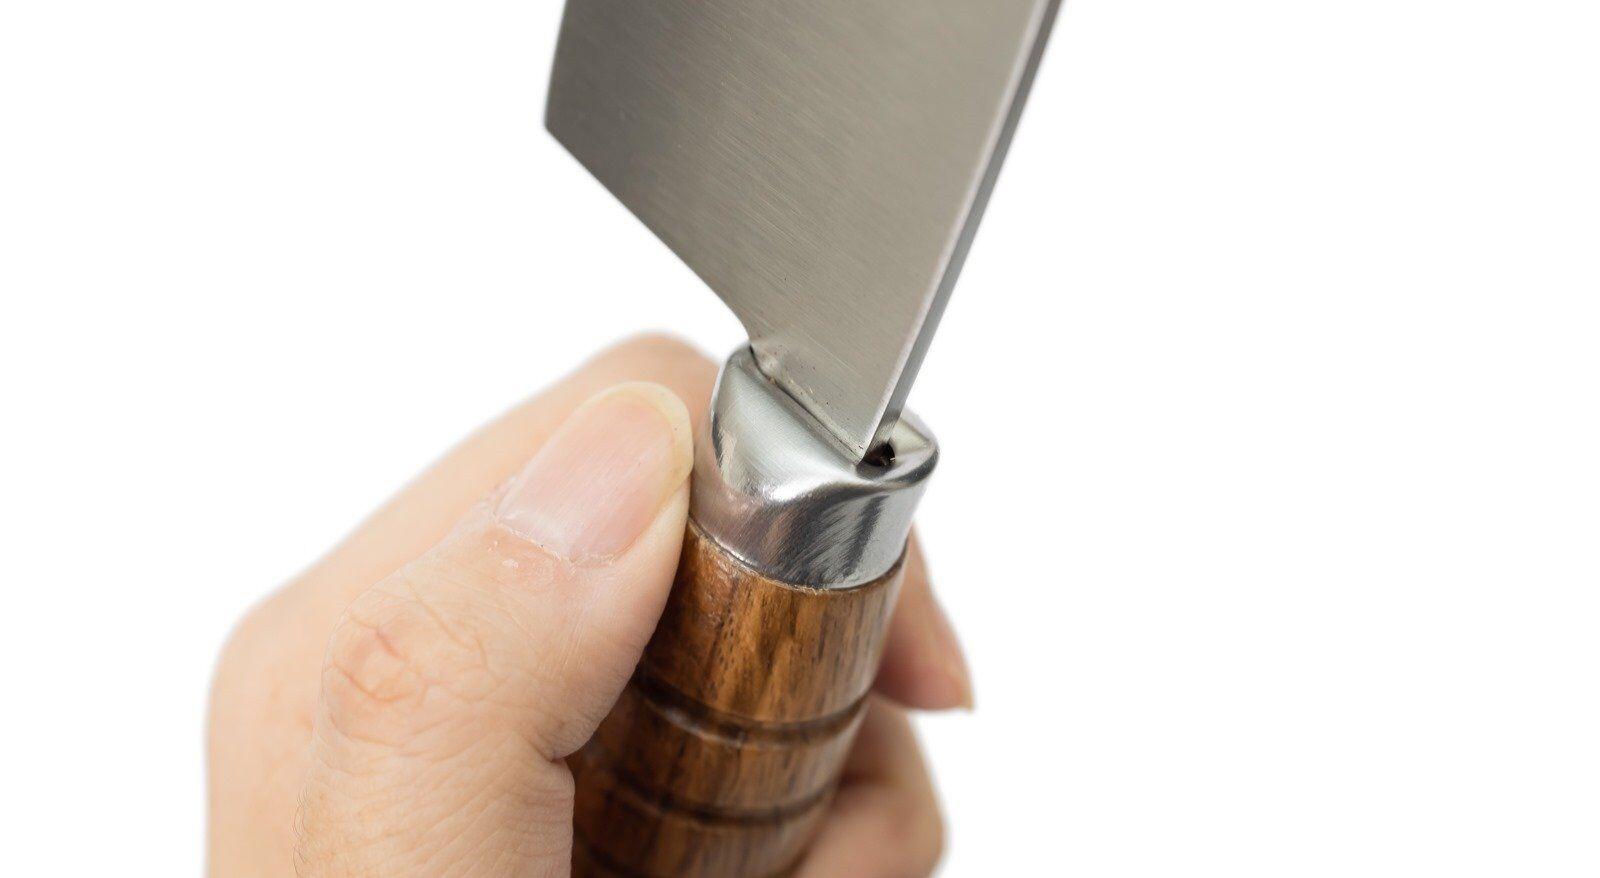 [開箱] 真的有順手!阿辰師超級小廚刀 + 好工呼片刀 入手開箱分享 @3C 達人廖阿輝